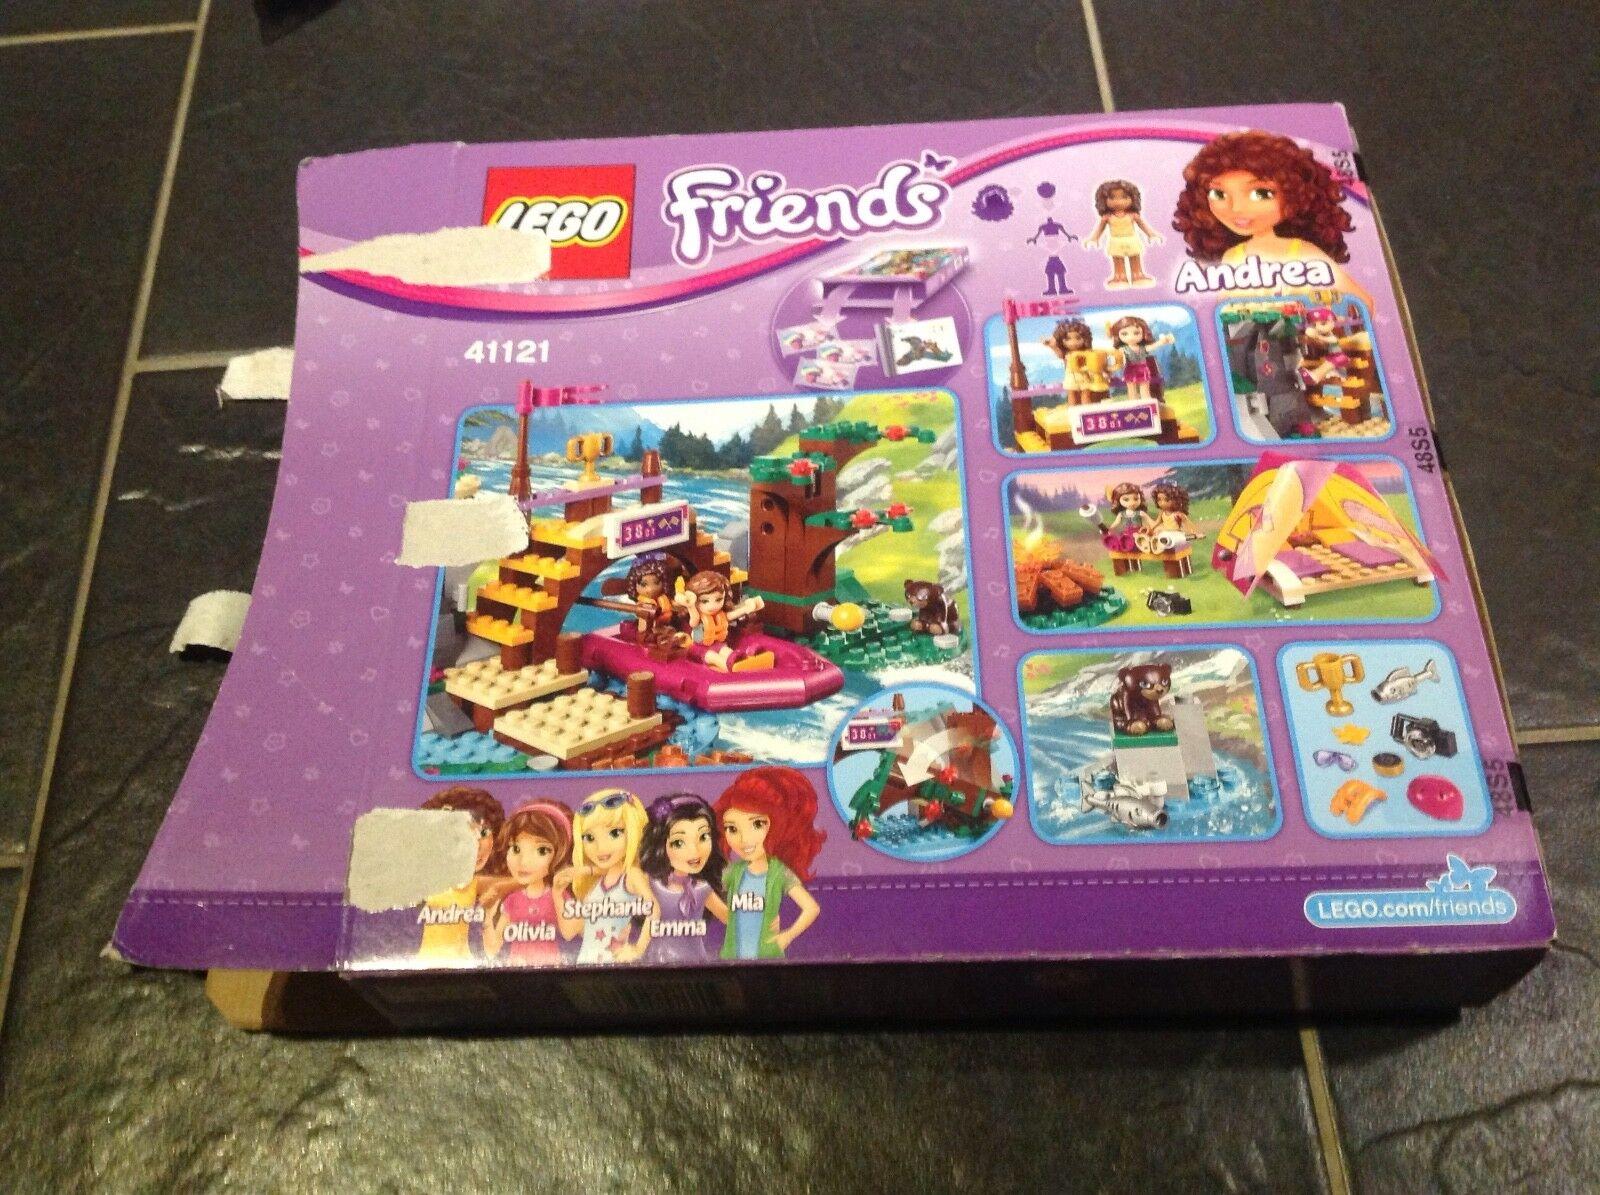 Lego - friends - abenteuer - camp zustand - rafting.41121.ausgezeichneter zustand camp cea43e